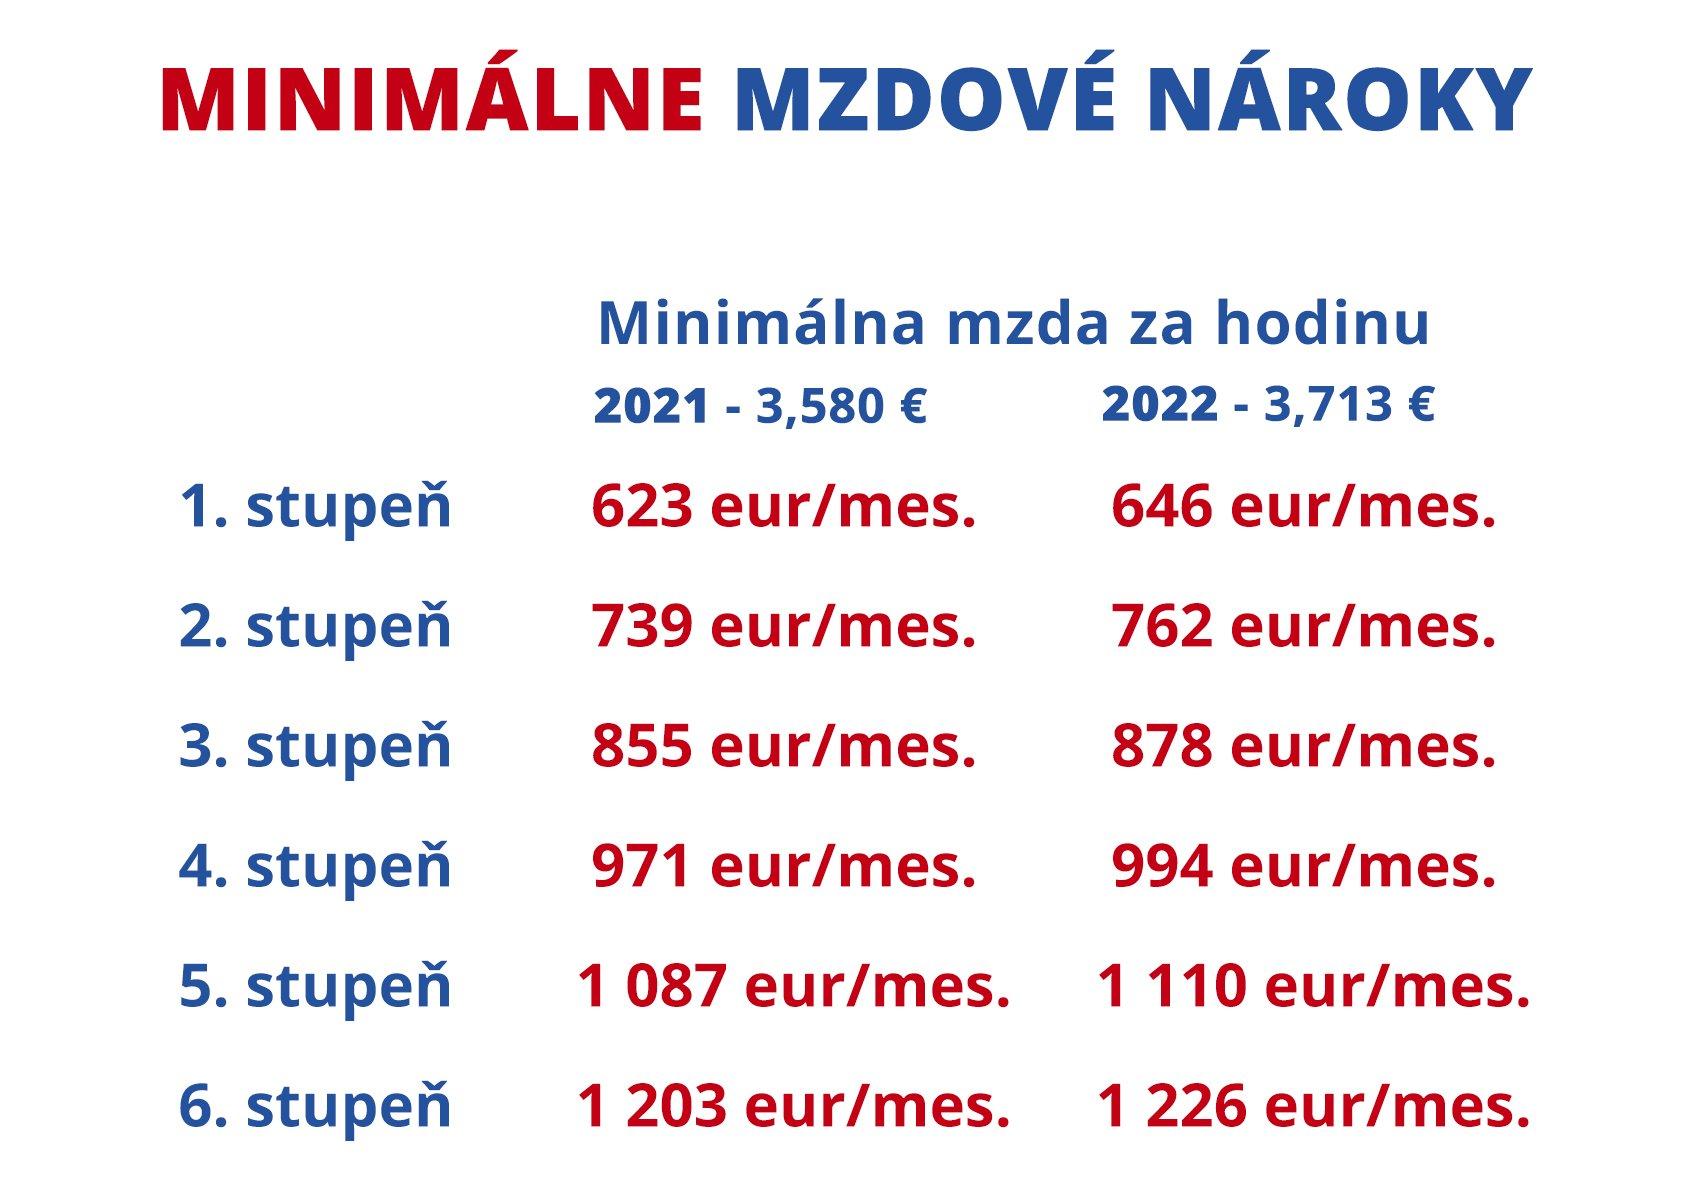 Minimálna mzda 2022: výška, príplatky, stupne, čistá mzda